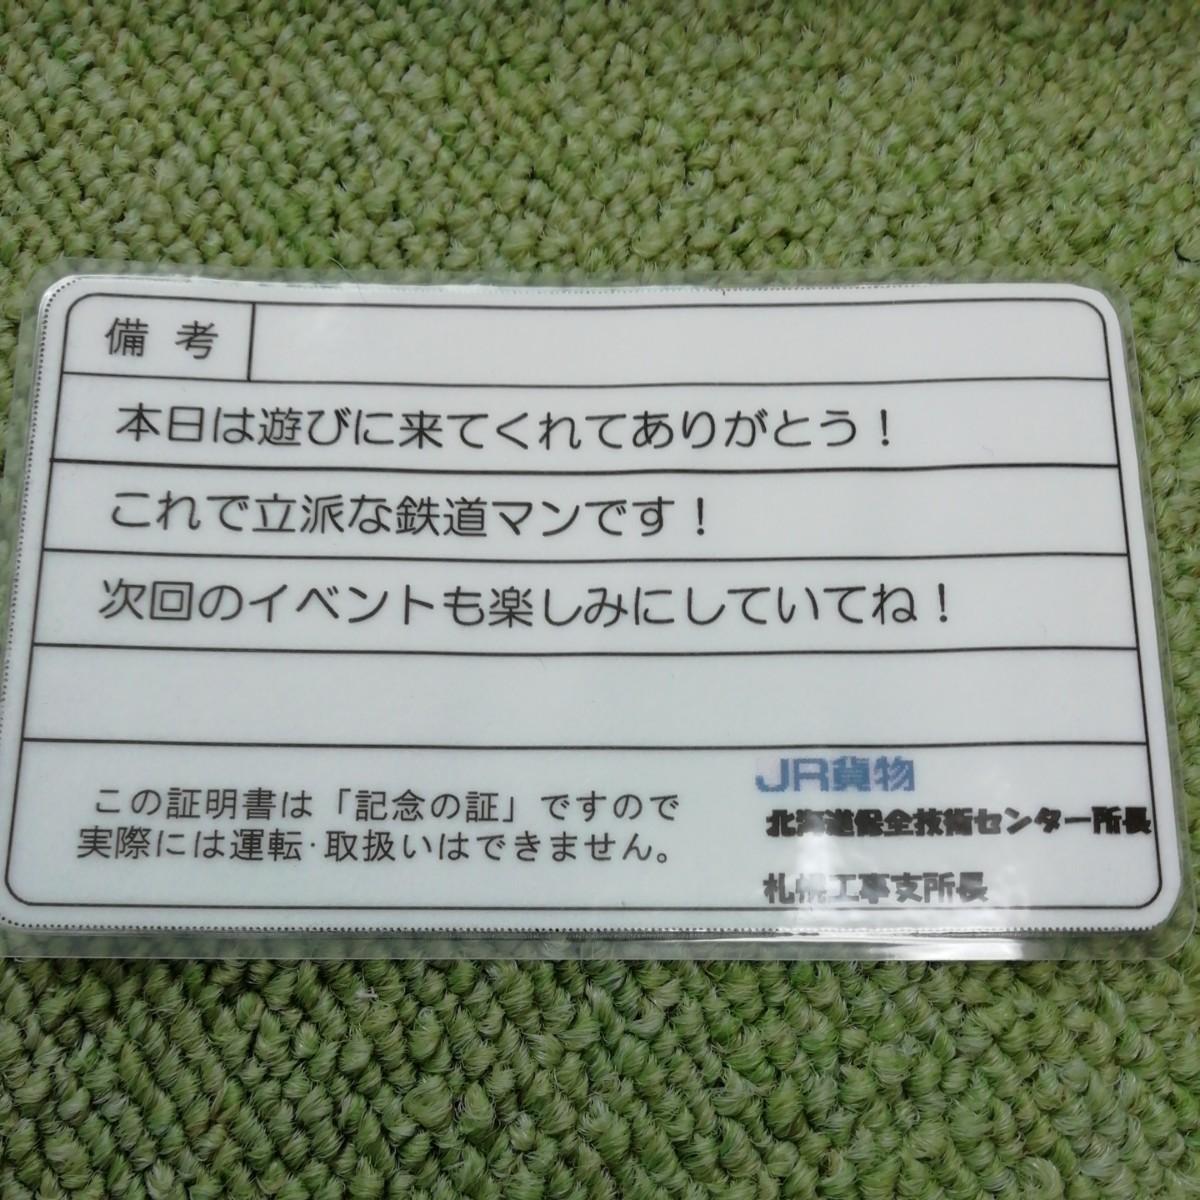 北海道新幹線クリアファイル、JR貨物 イベント記念品 免許証レプリカ 2点セット